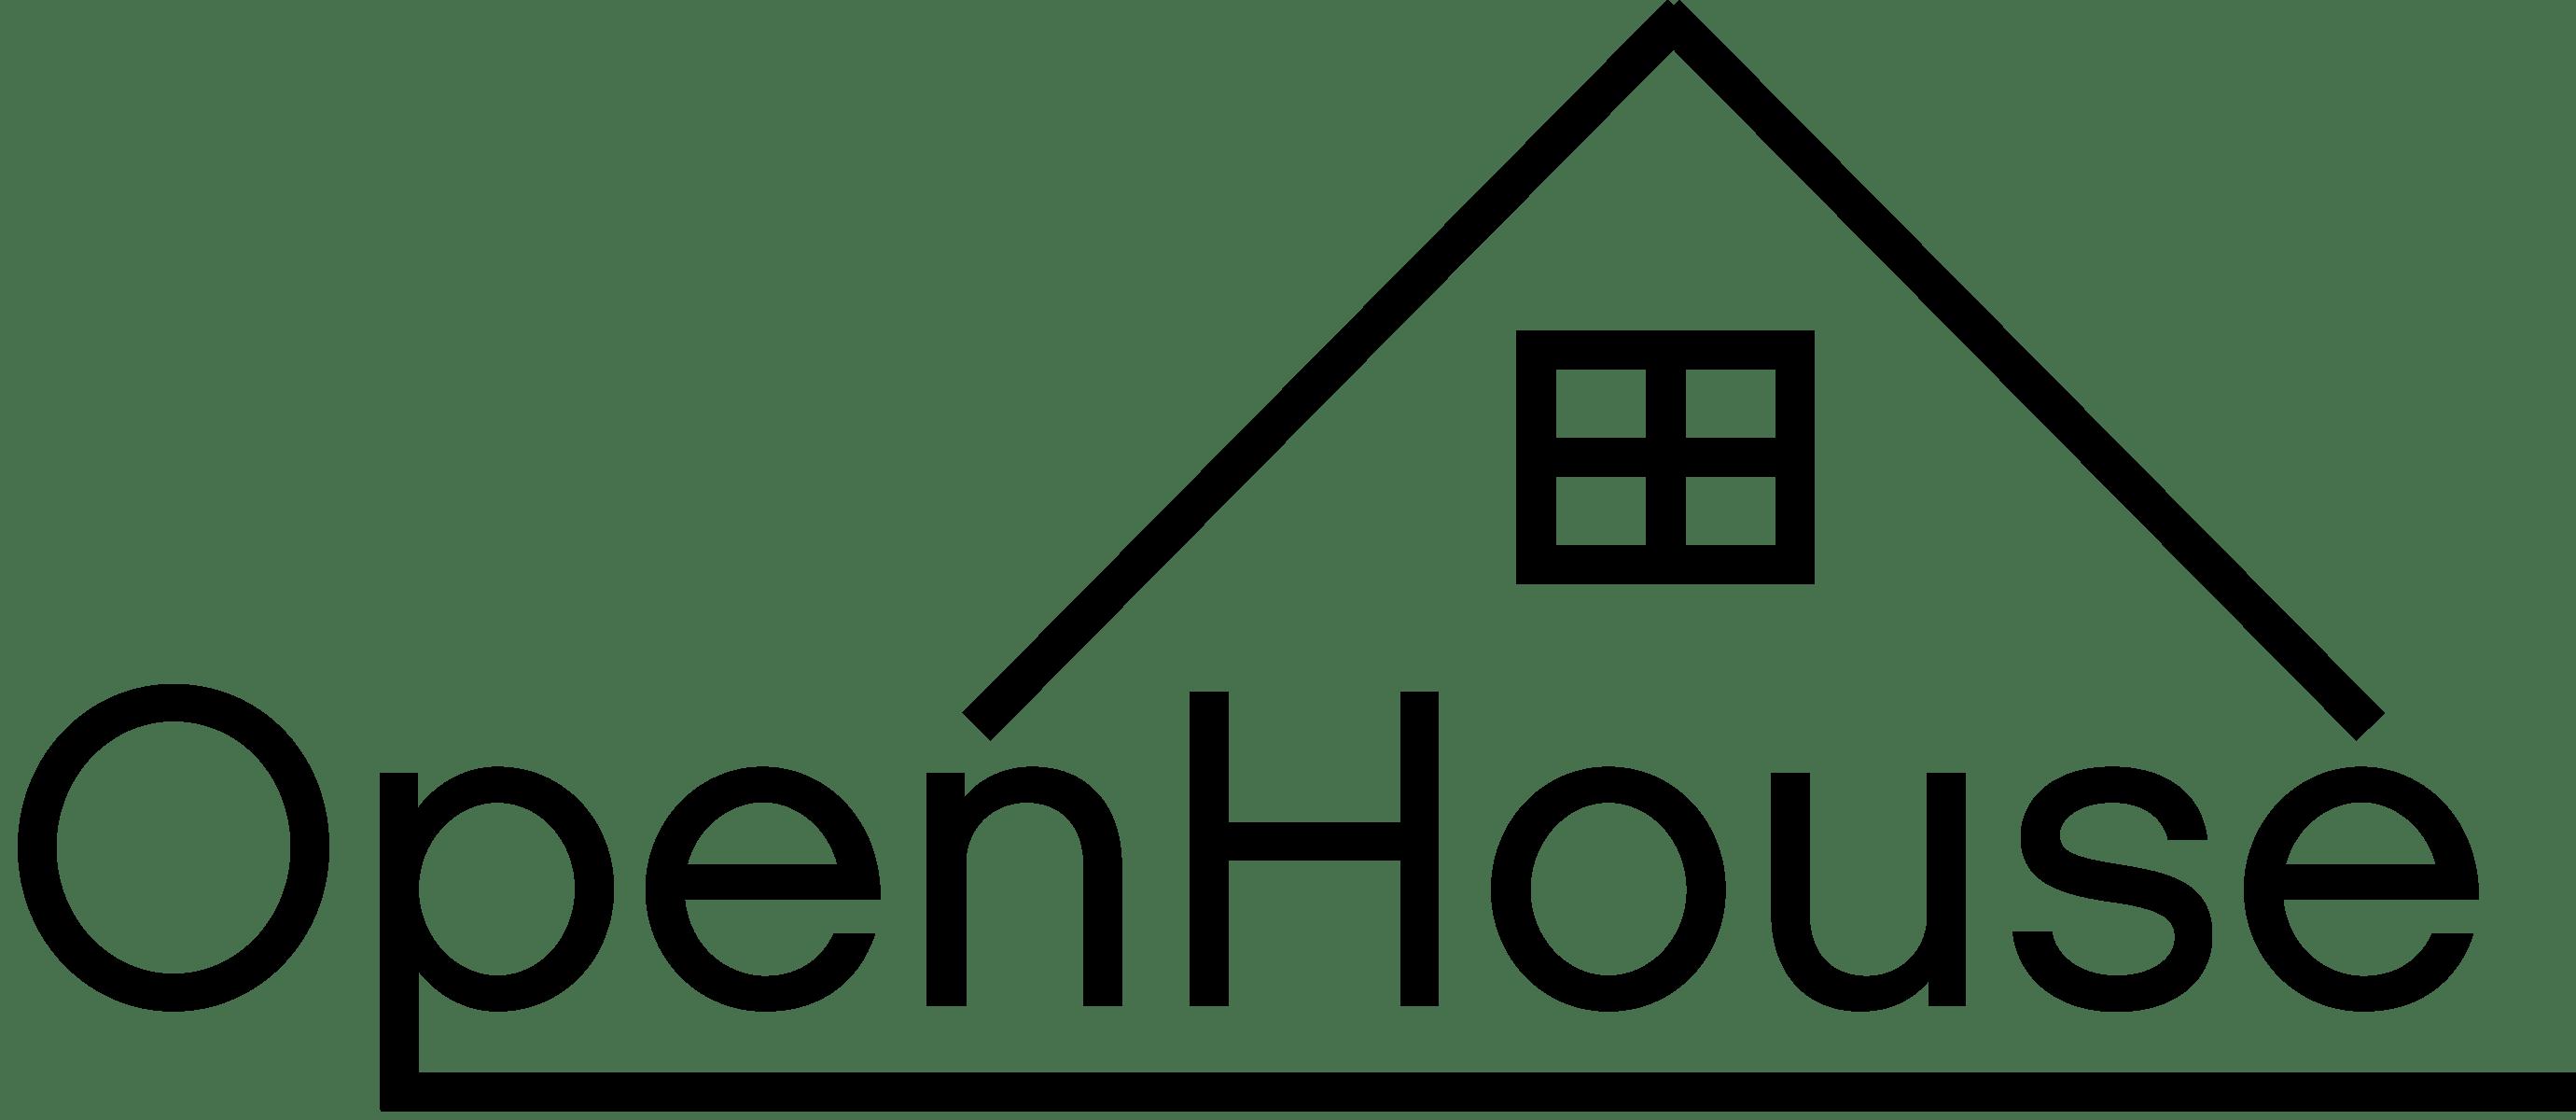 Open House Invitation Brenda Everson Shaw